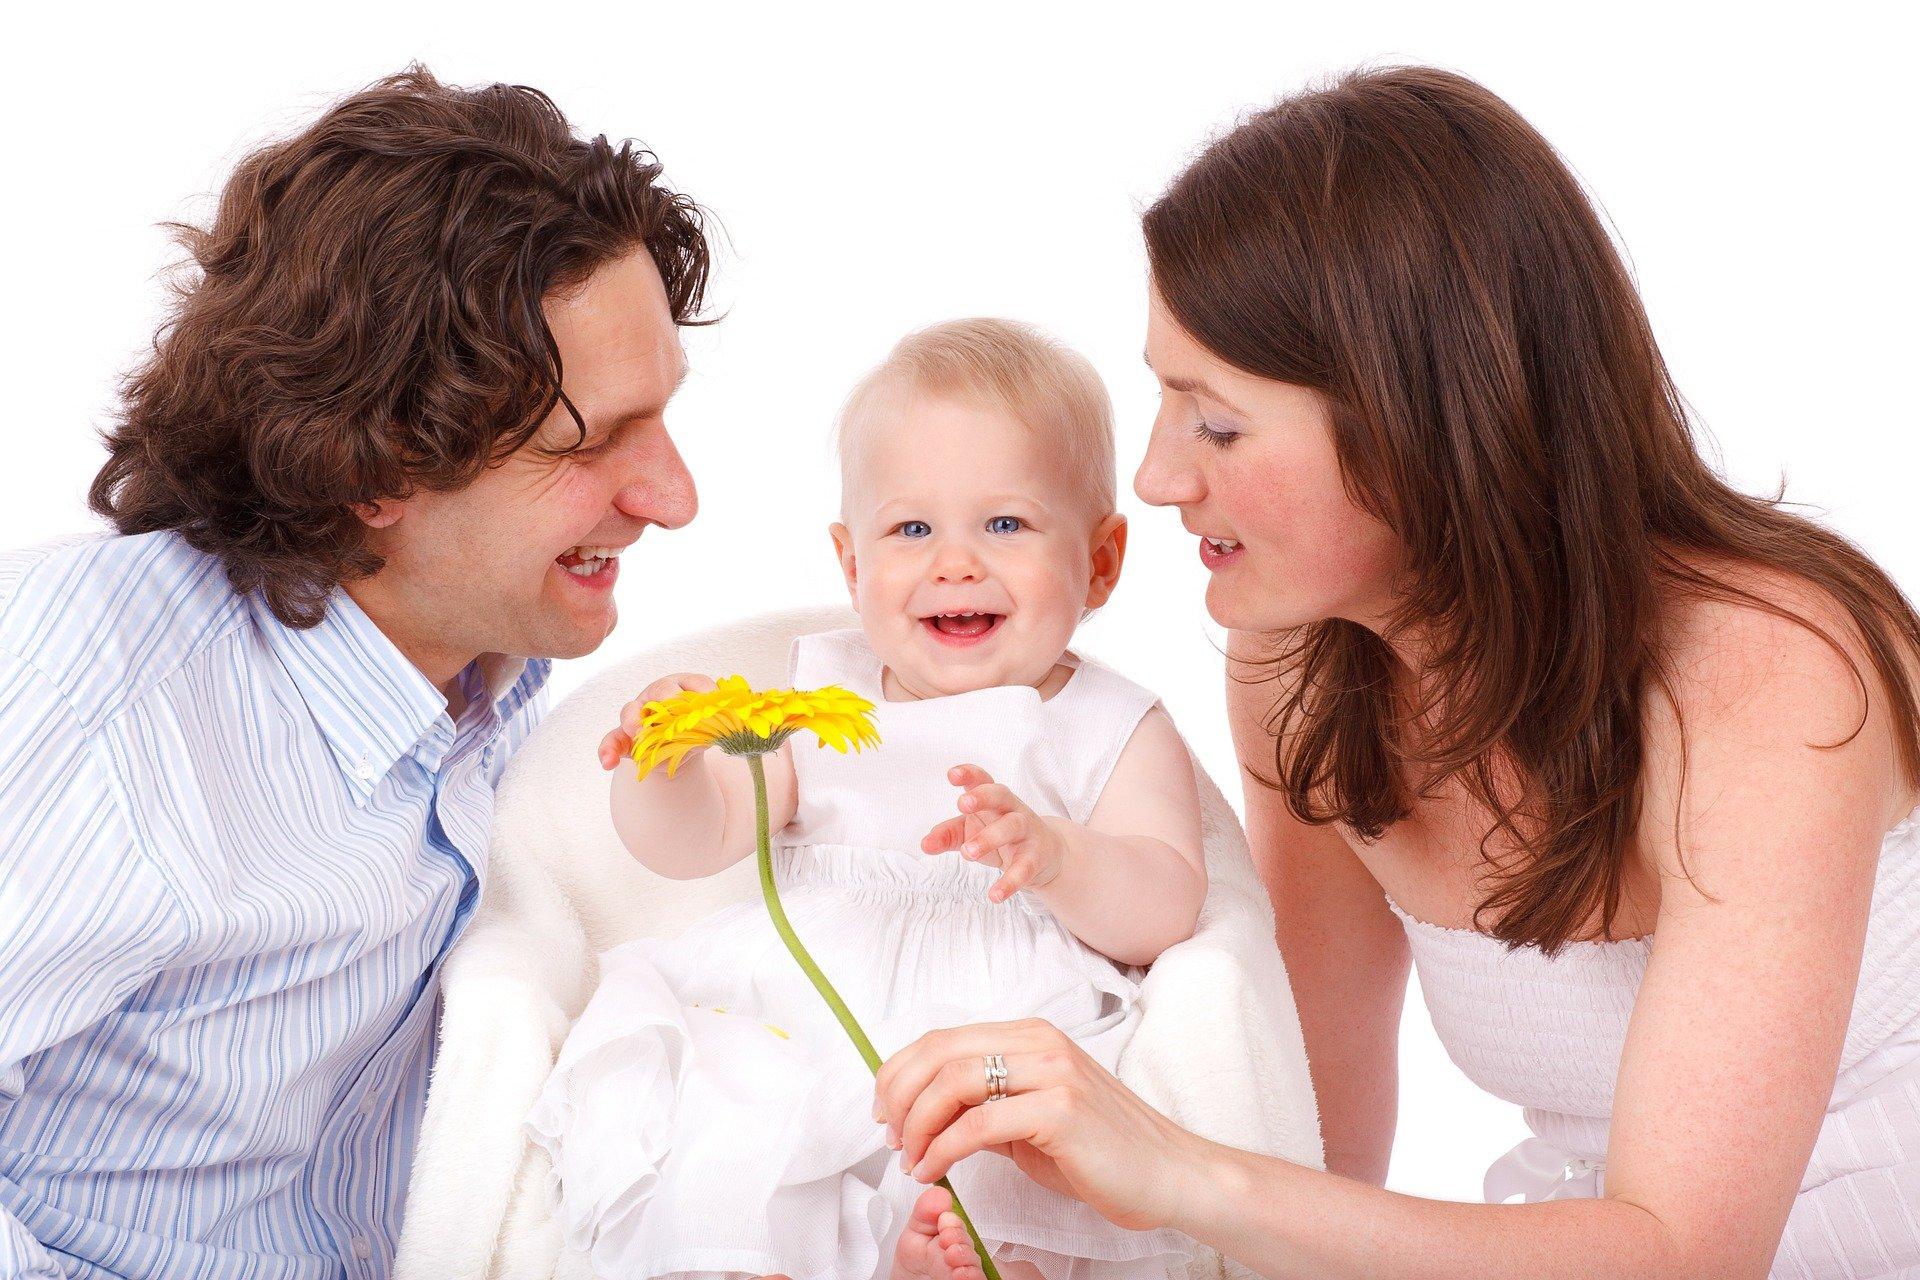 Eltern mit Kind in der Mitte mit Blume - Deutsches Ferninstitut für Bildung, Pädagogik und Sozialmanagement GmbH